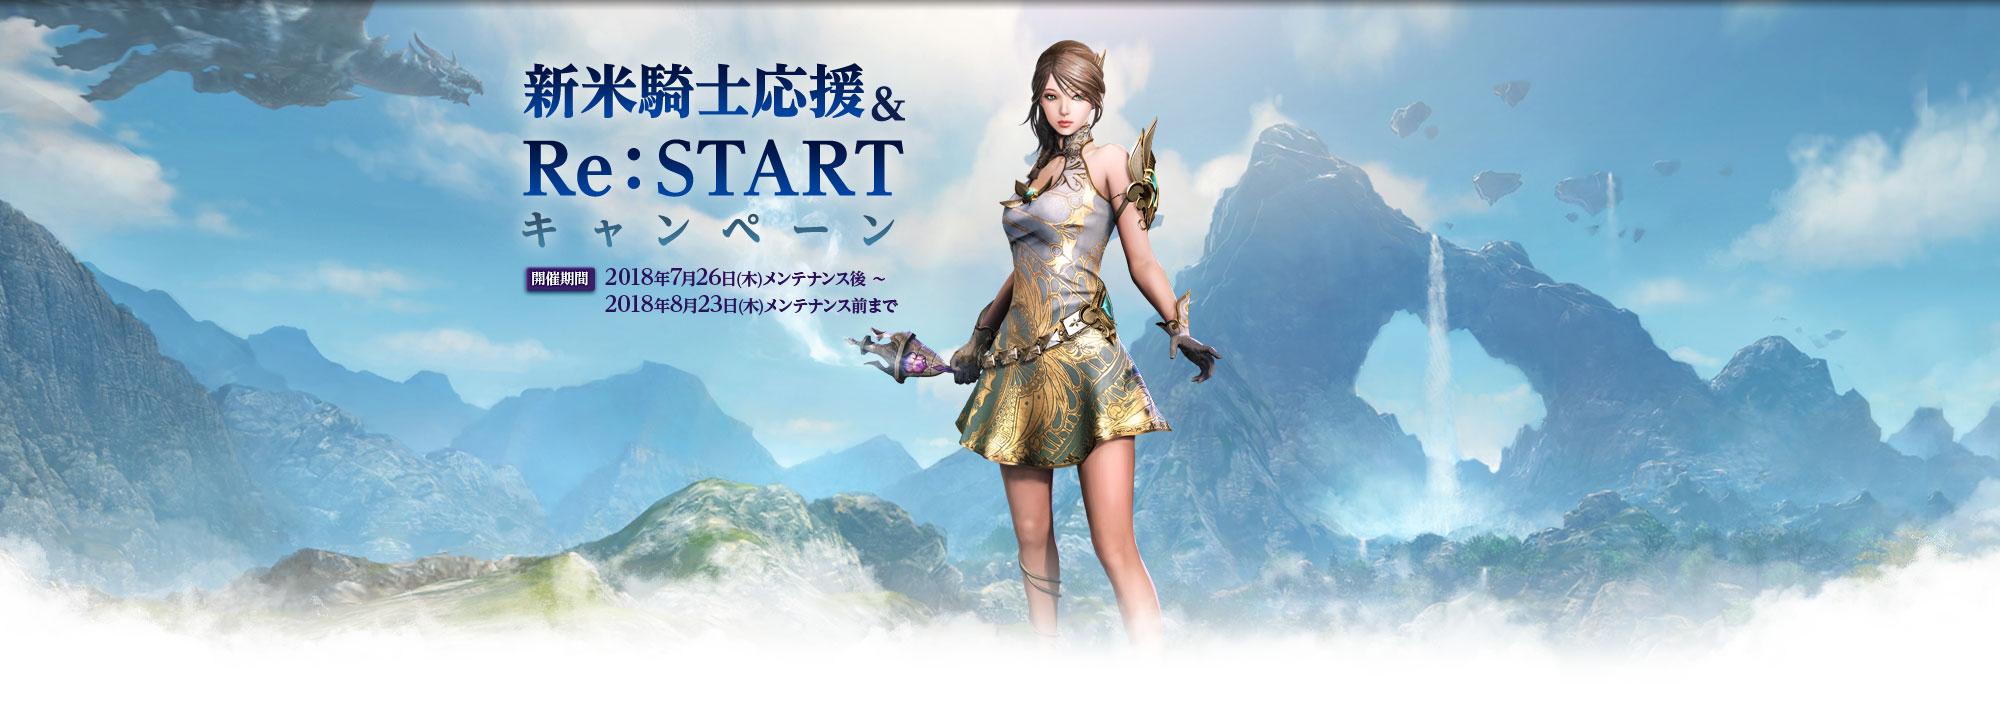 新米騎士&Re:START